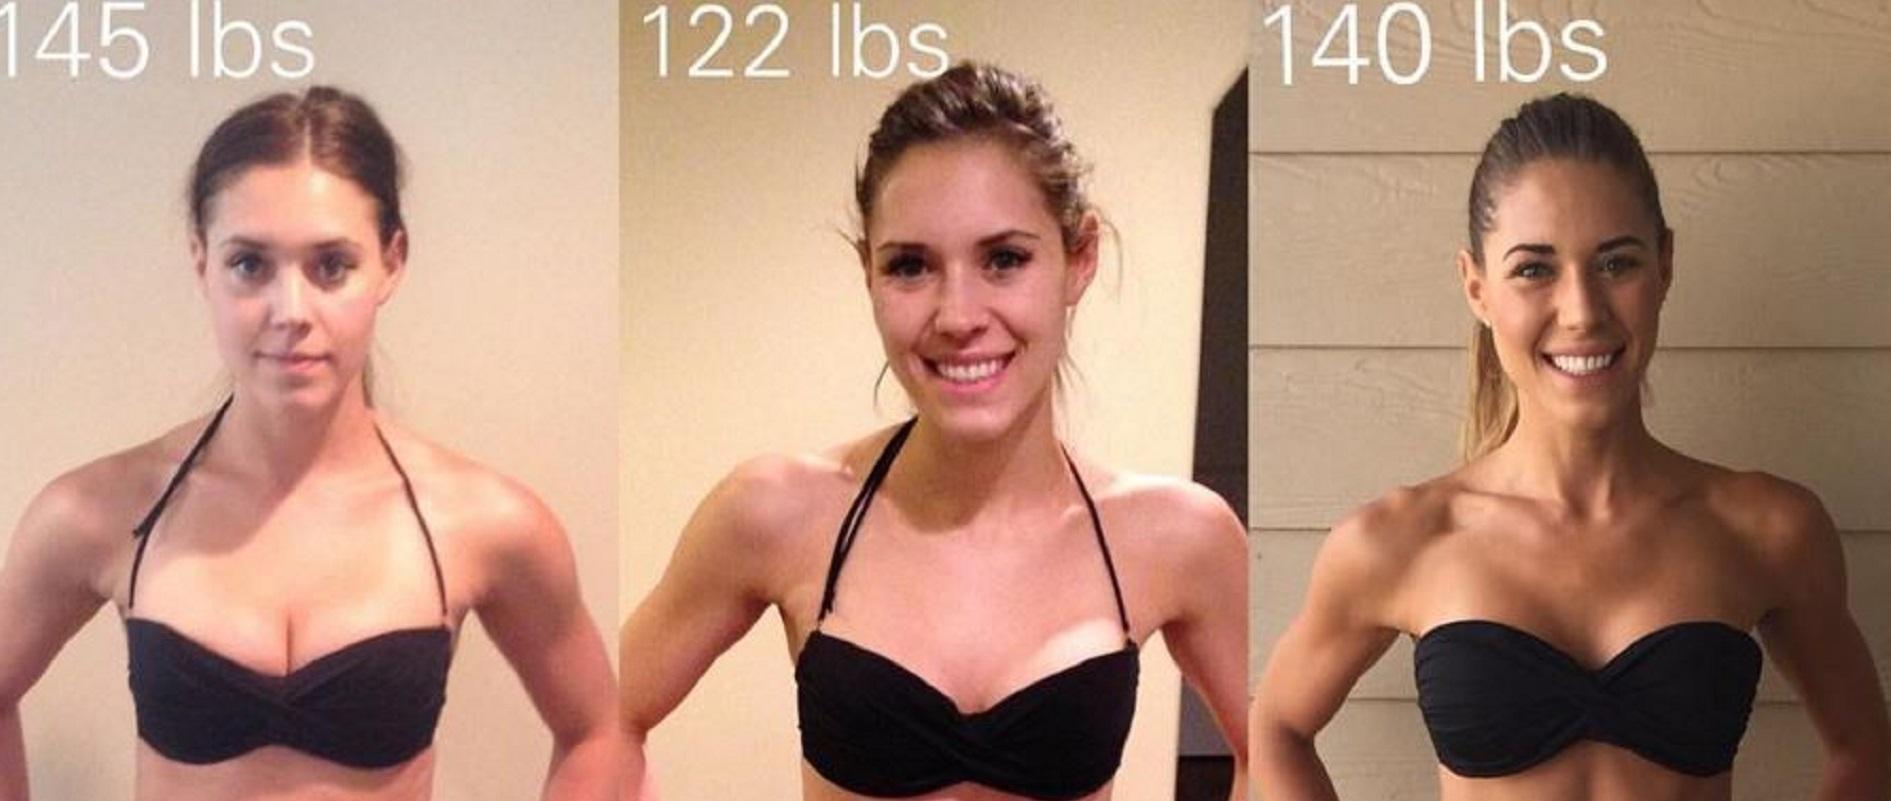 perte de poids de 175 à 145 perdez-vous de la graisse dans votre merde